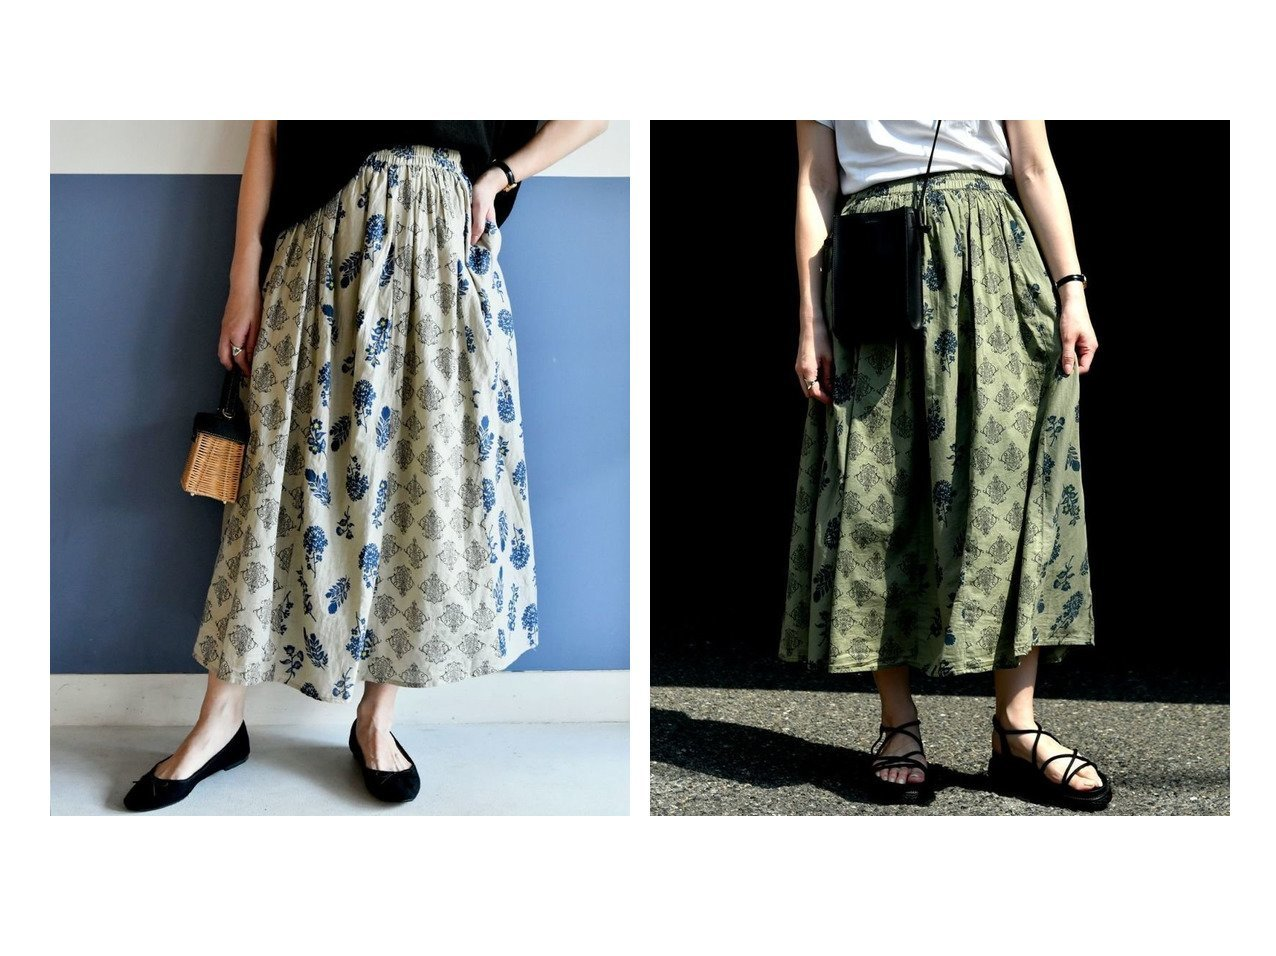 【Bou Jeloud/ブージュルード】のLupilien ボイルプリントパネル切替スカート おすすめ!人気、トレンド・レディースファッションの通販  おすすめで人気の流行・トレンド、ファッションの通販商品 インテリア・家具・メンズファッション・キッズファッション・レディースファッション・服の通販 founy(ファニー) https://founy.com/ ファッション Fashion レディースファッション WOMEN スカート Skirt ギャザー シンプル フラワー プチプライス・低価格 Affordable プリント ポケット 切替 夏 Summer |ID:crp329100000054987